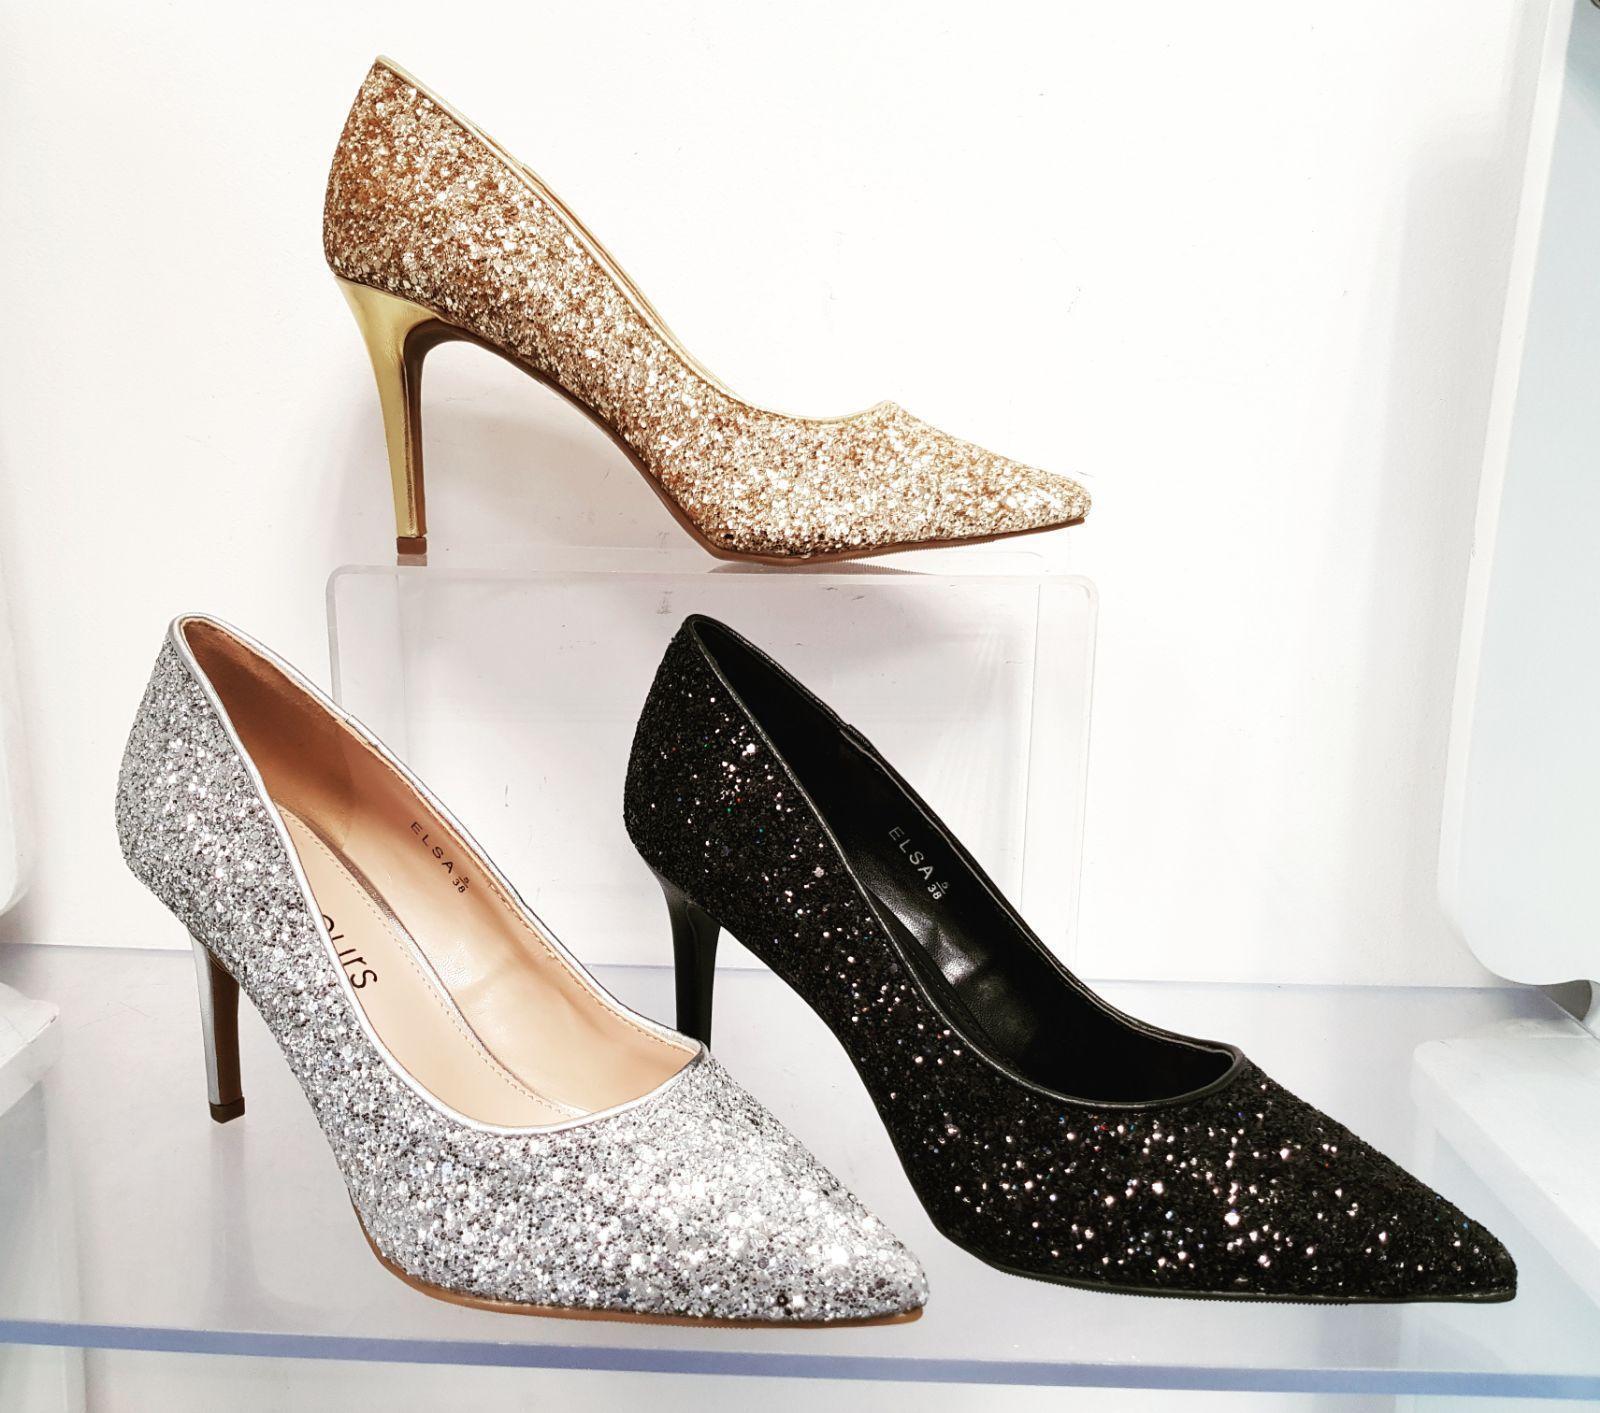 WOMEN LADIES PARTY COURT Schuhe GLITTER DETAILS STILETTO HEELS LADIES SIZE 3-8